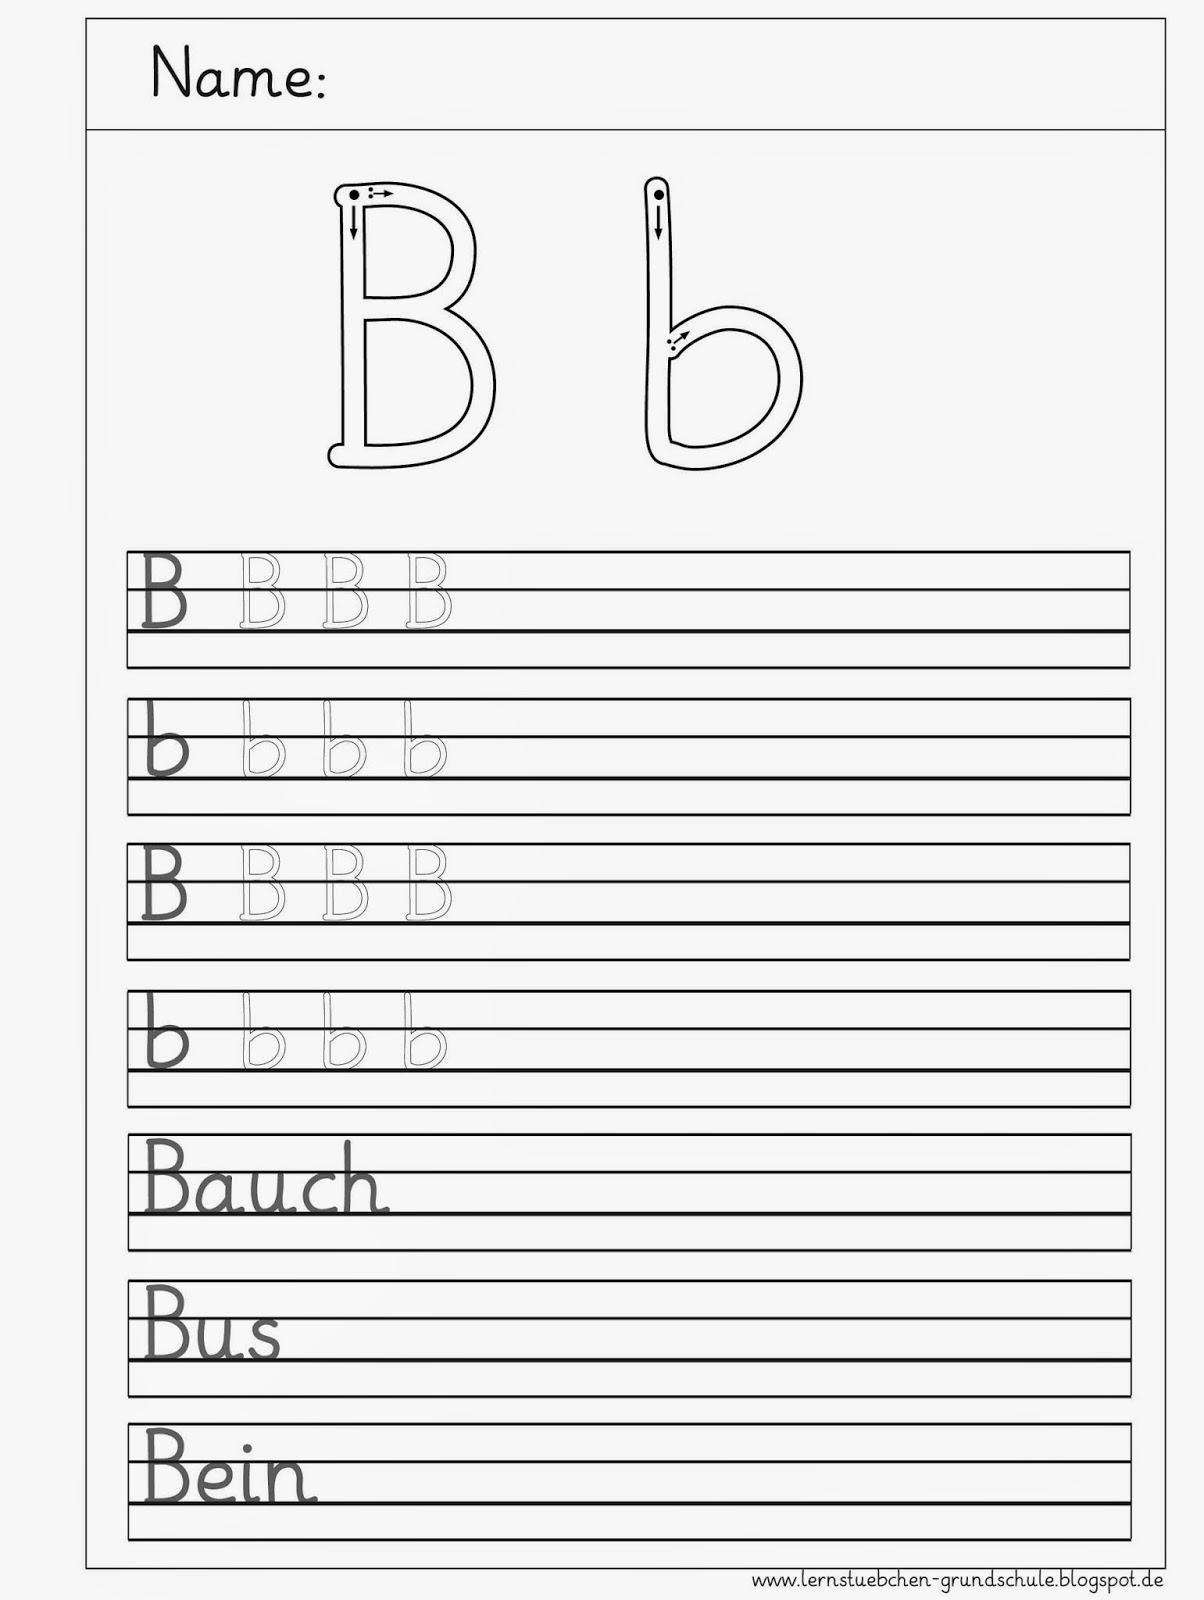 Arbeitsblätter Buchstabe S : Lernstübchen b schreibblätter